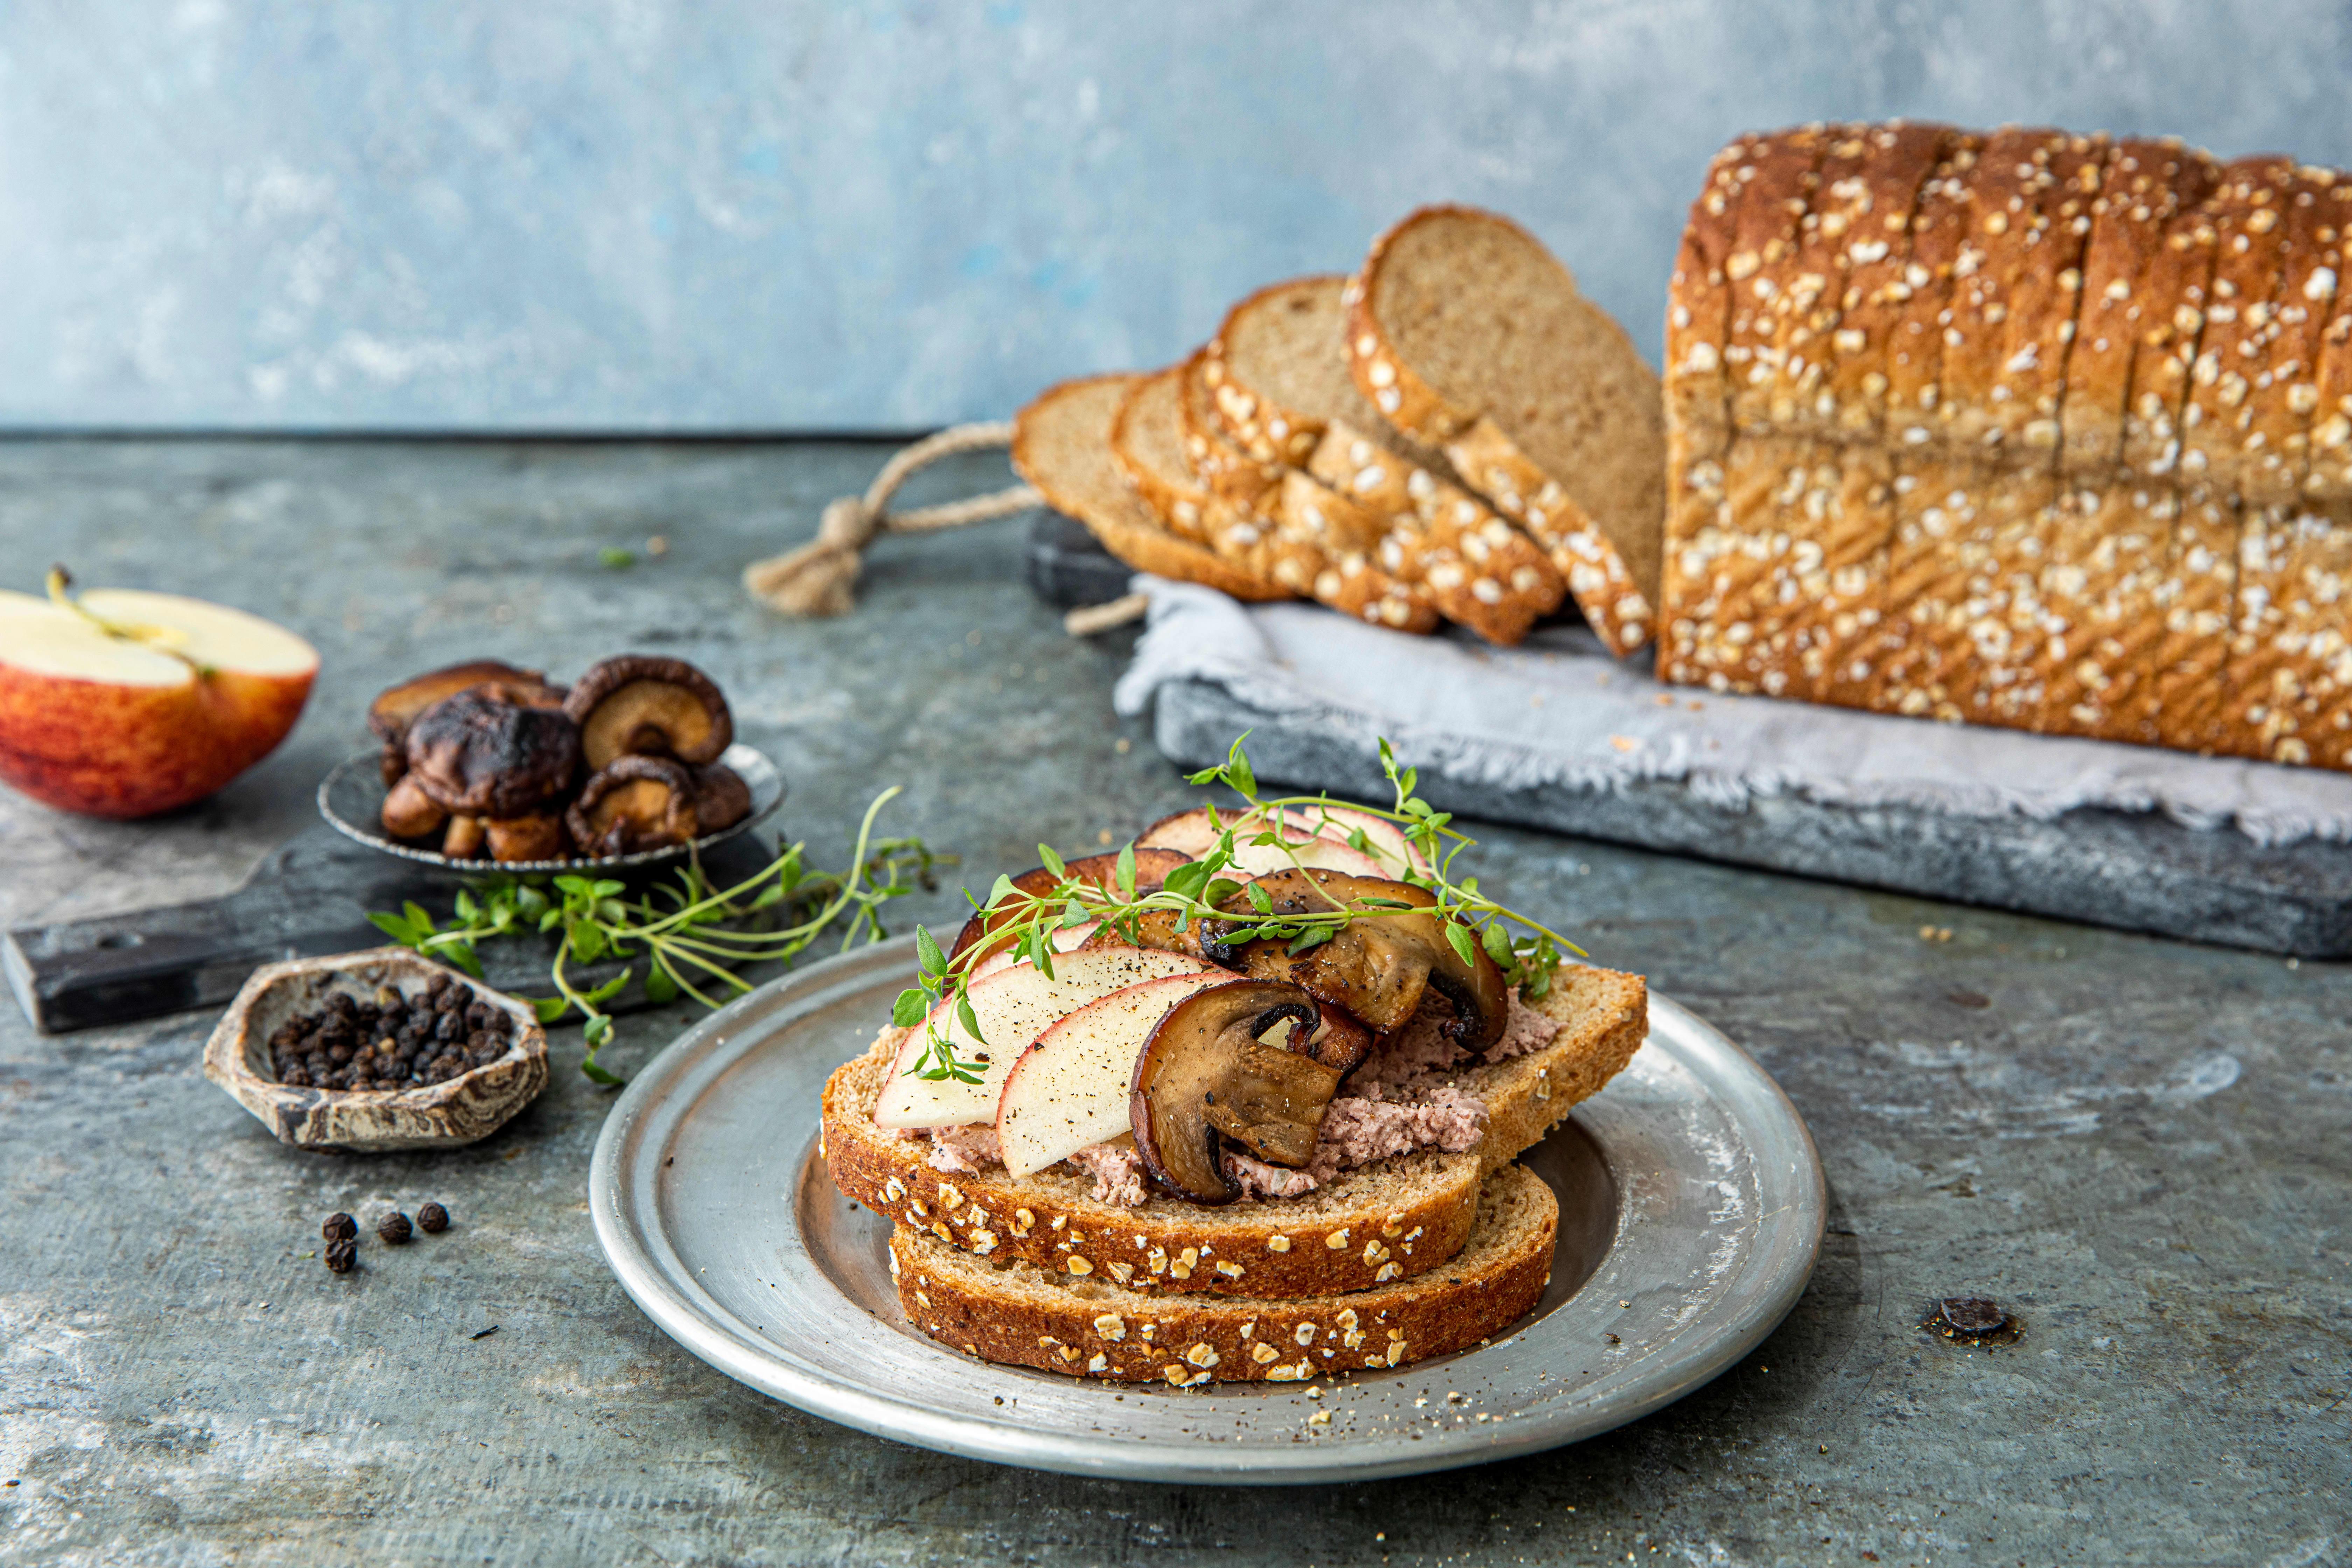 Våre groveste Havrebrød med lun leverpostei, stekt sjampinjong, eple og timian. Foto: Sara Johannessen